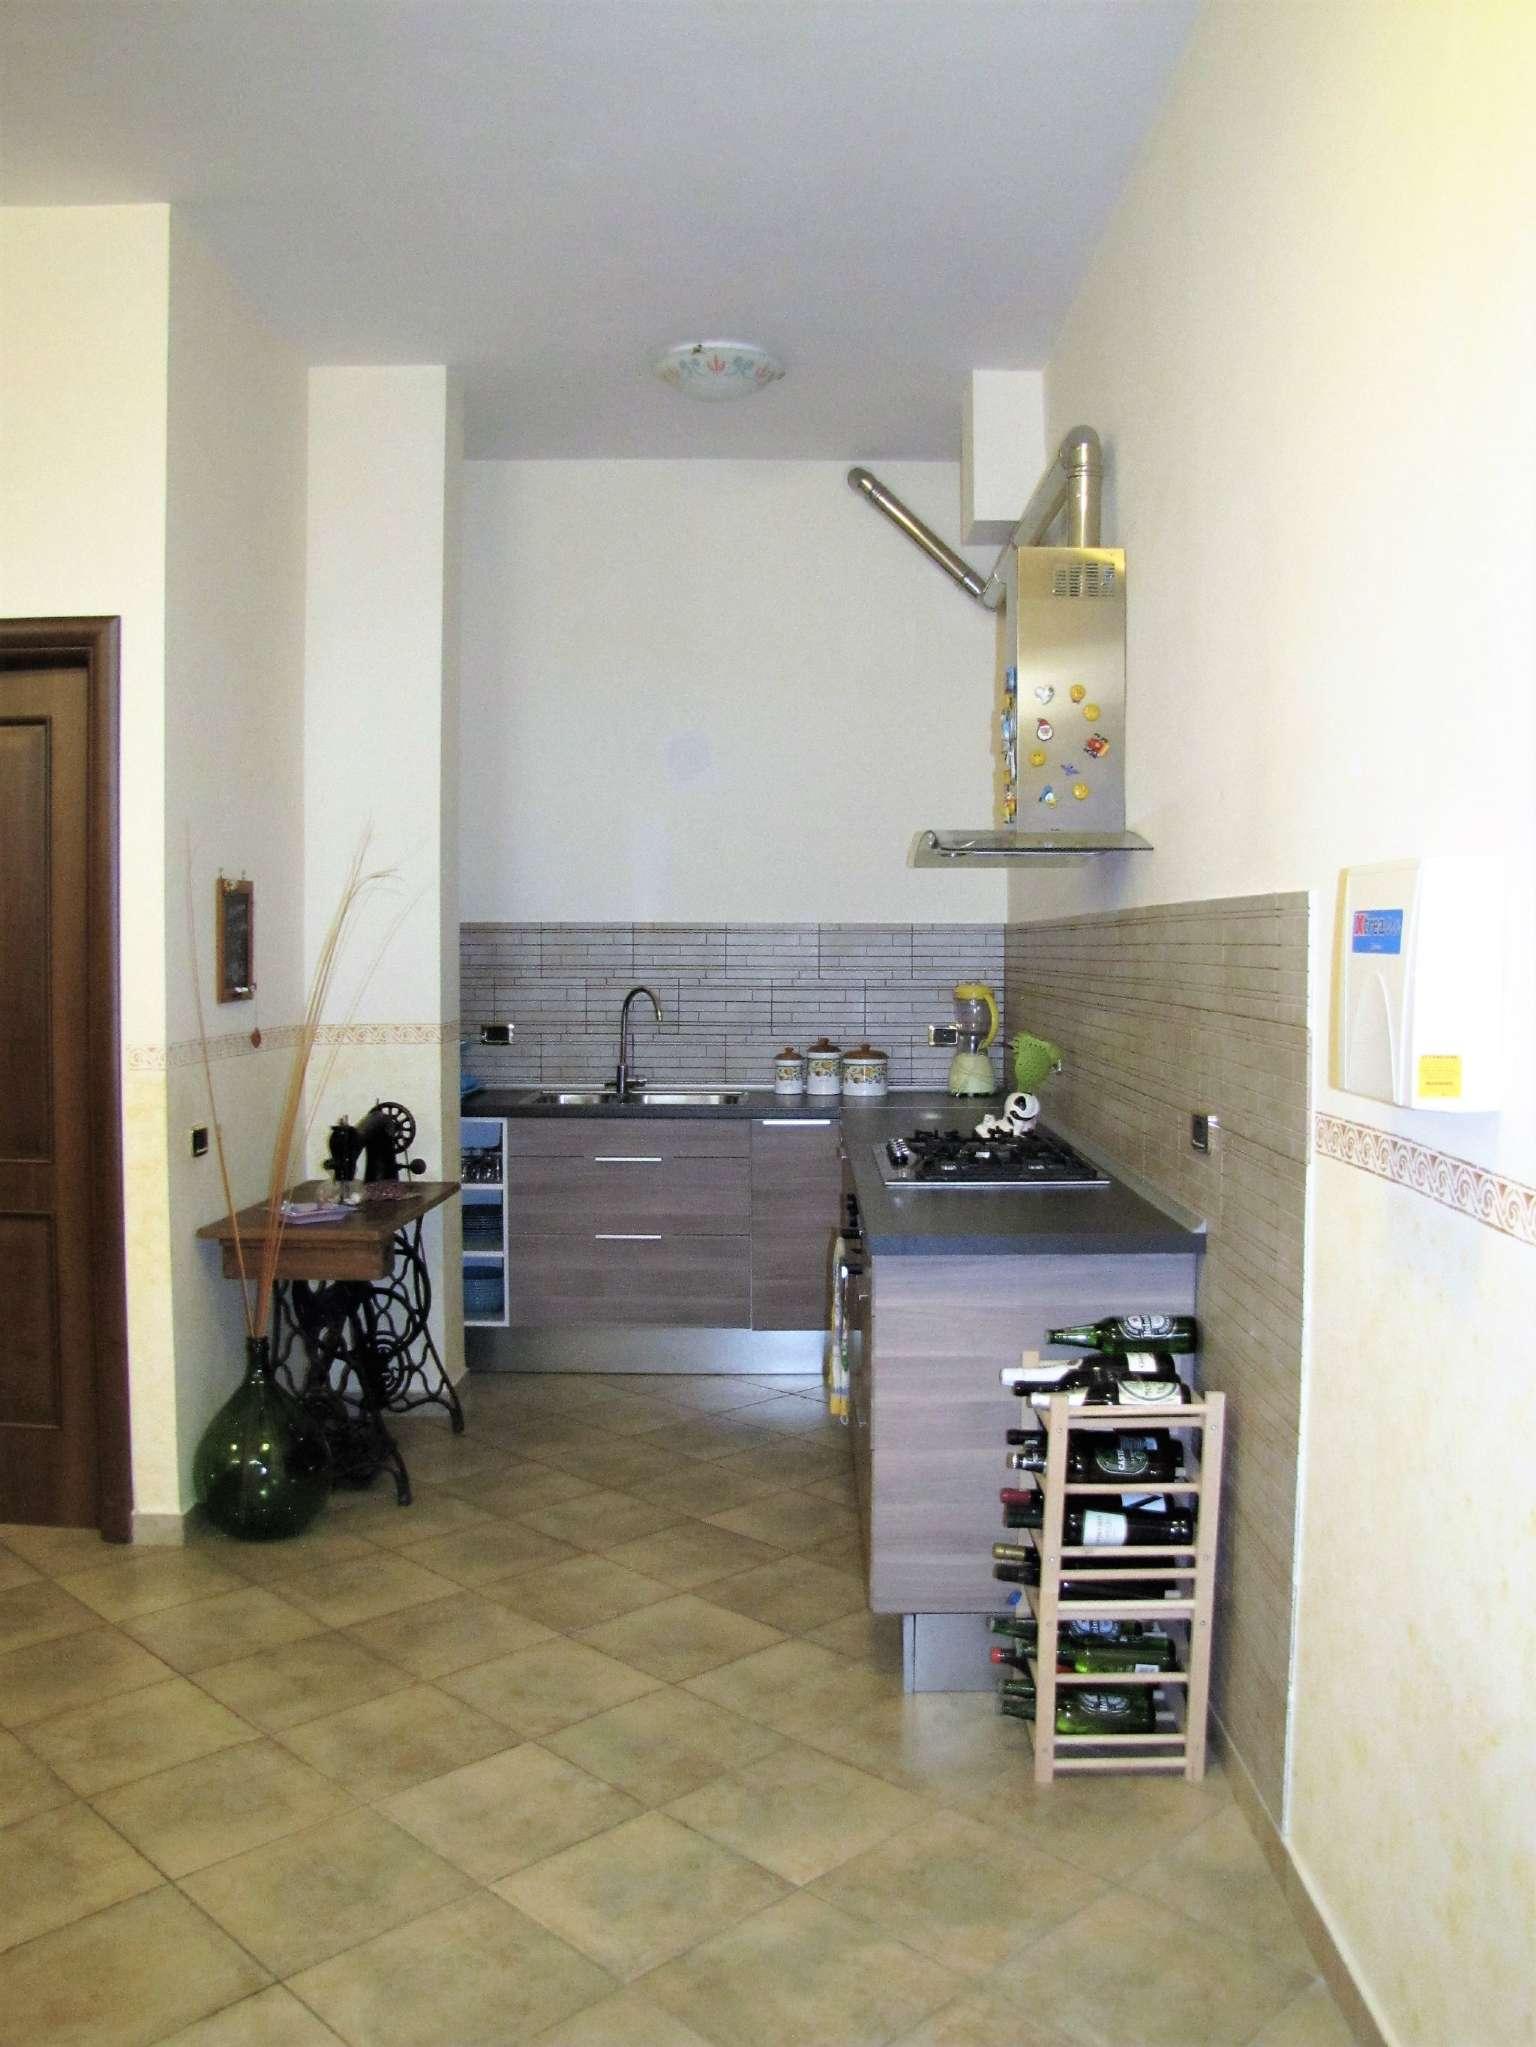 Foto 13 di Villa a Schiera via MITTA 6, Roma (zona Finocchio - Torre Gaia - Tor Vergata)